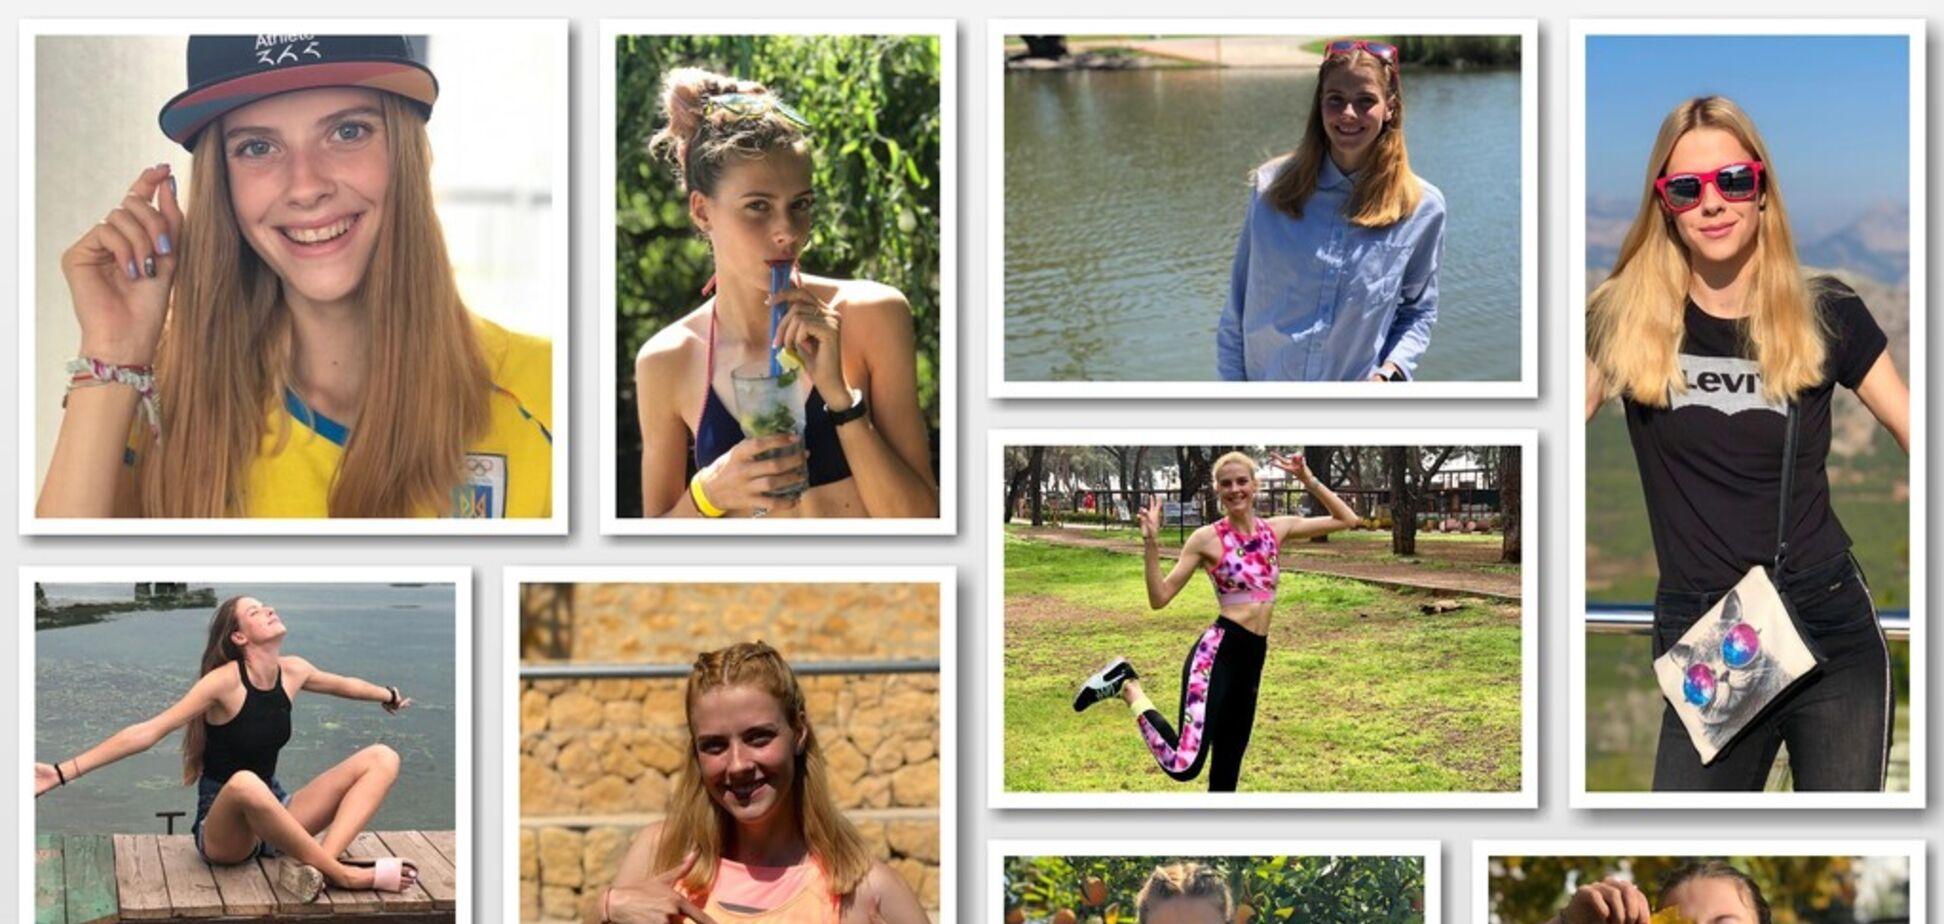 Чемпіонка з України вразила мережу неймовірною красою